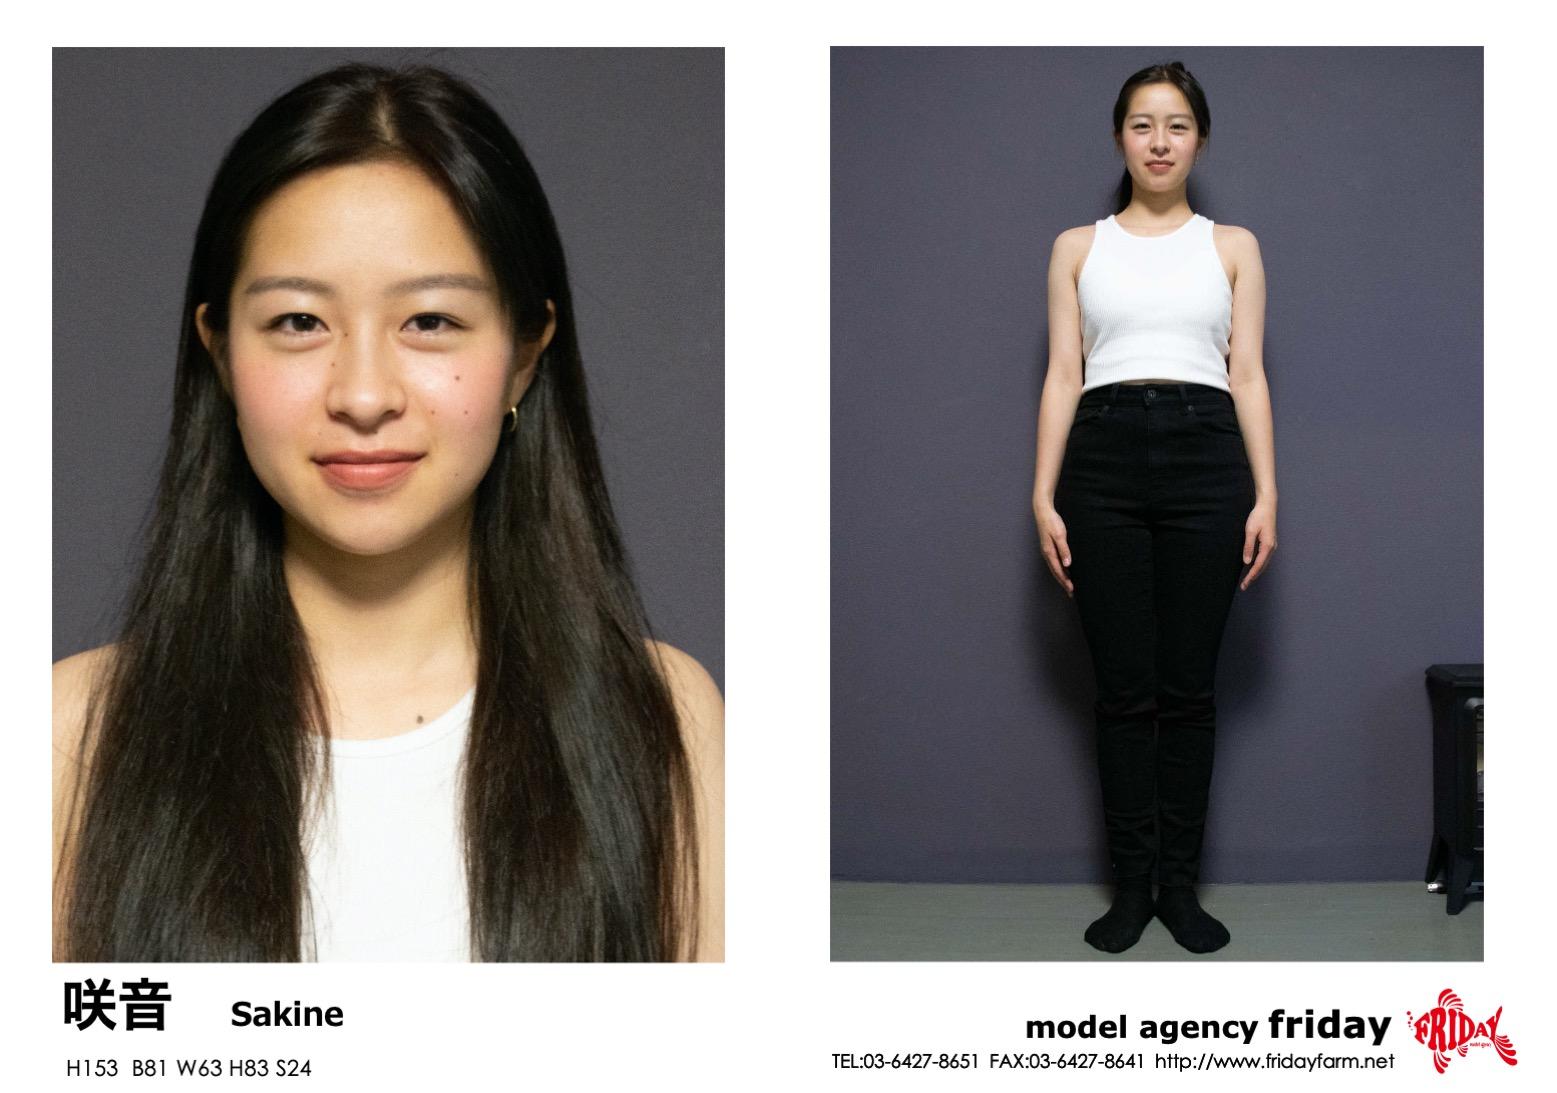 咲音 - Sakine   model agency friday